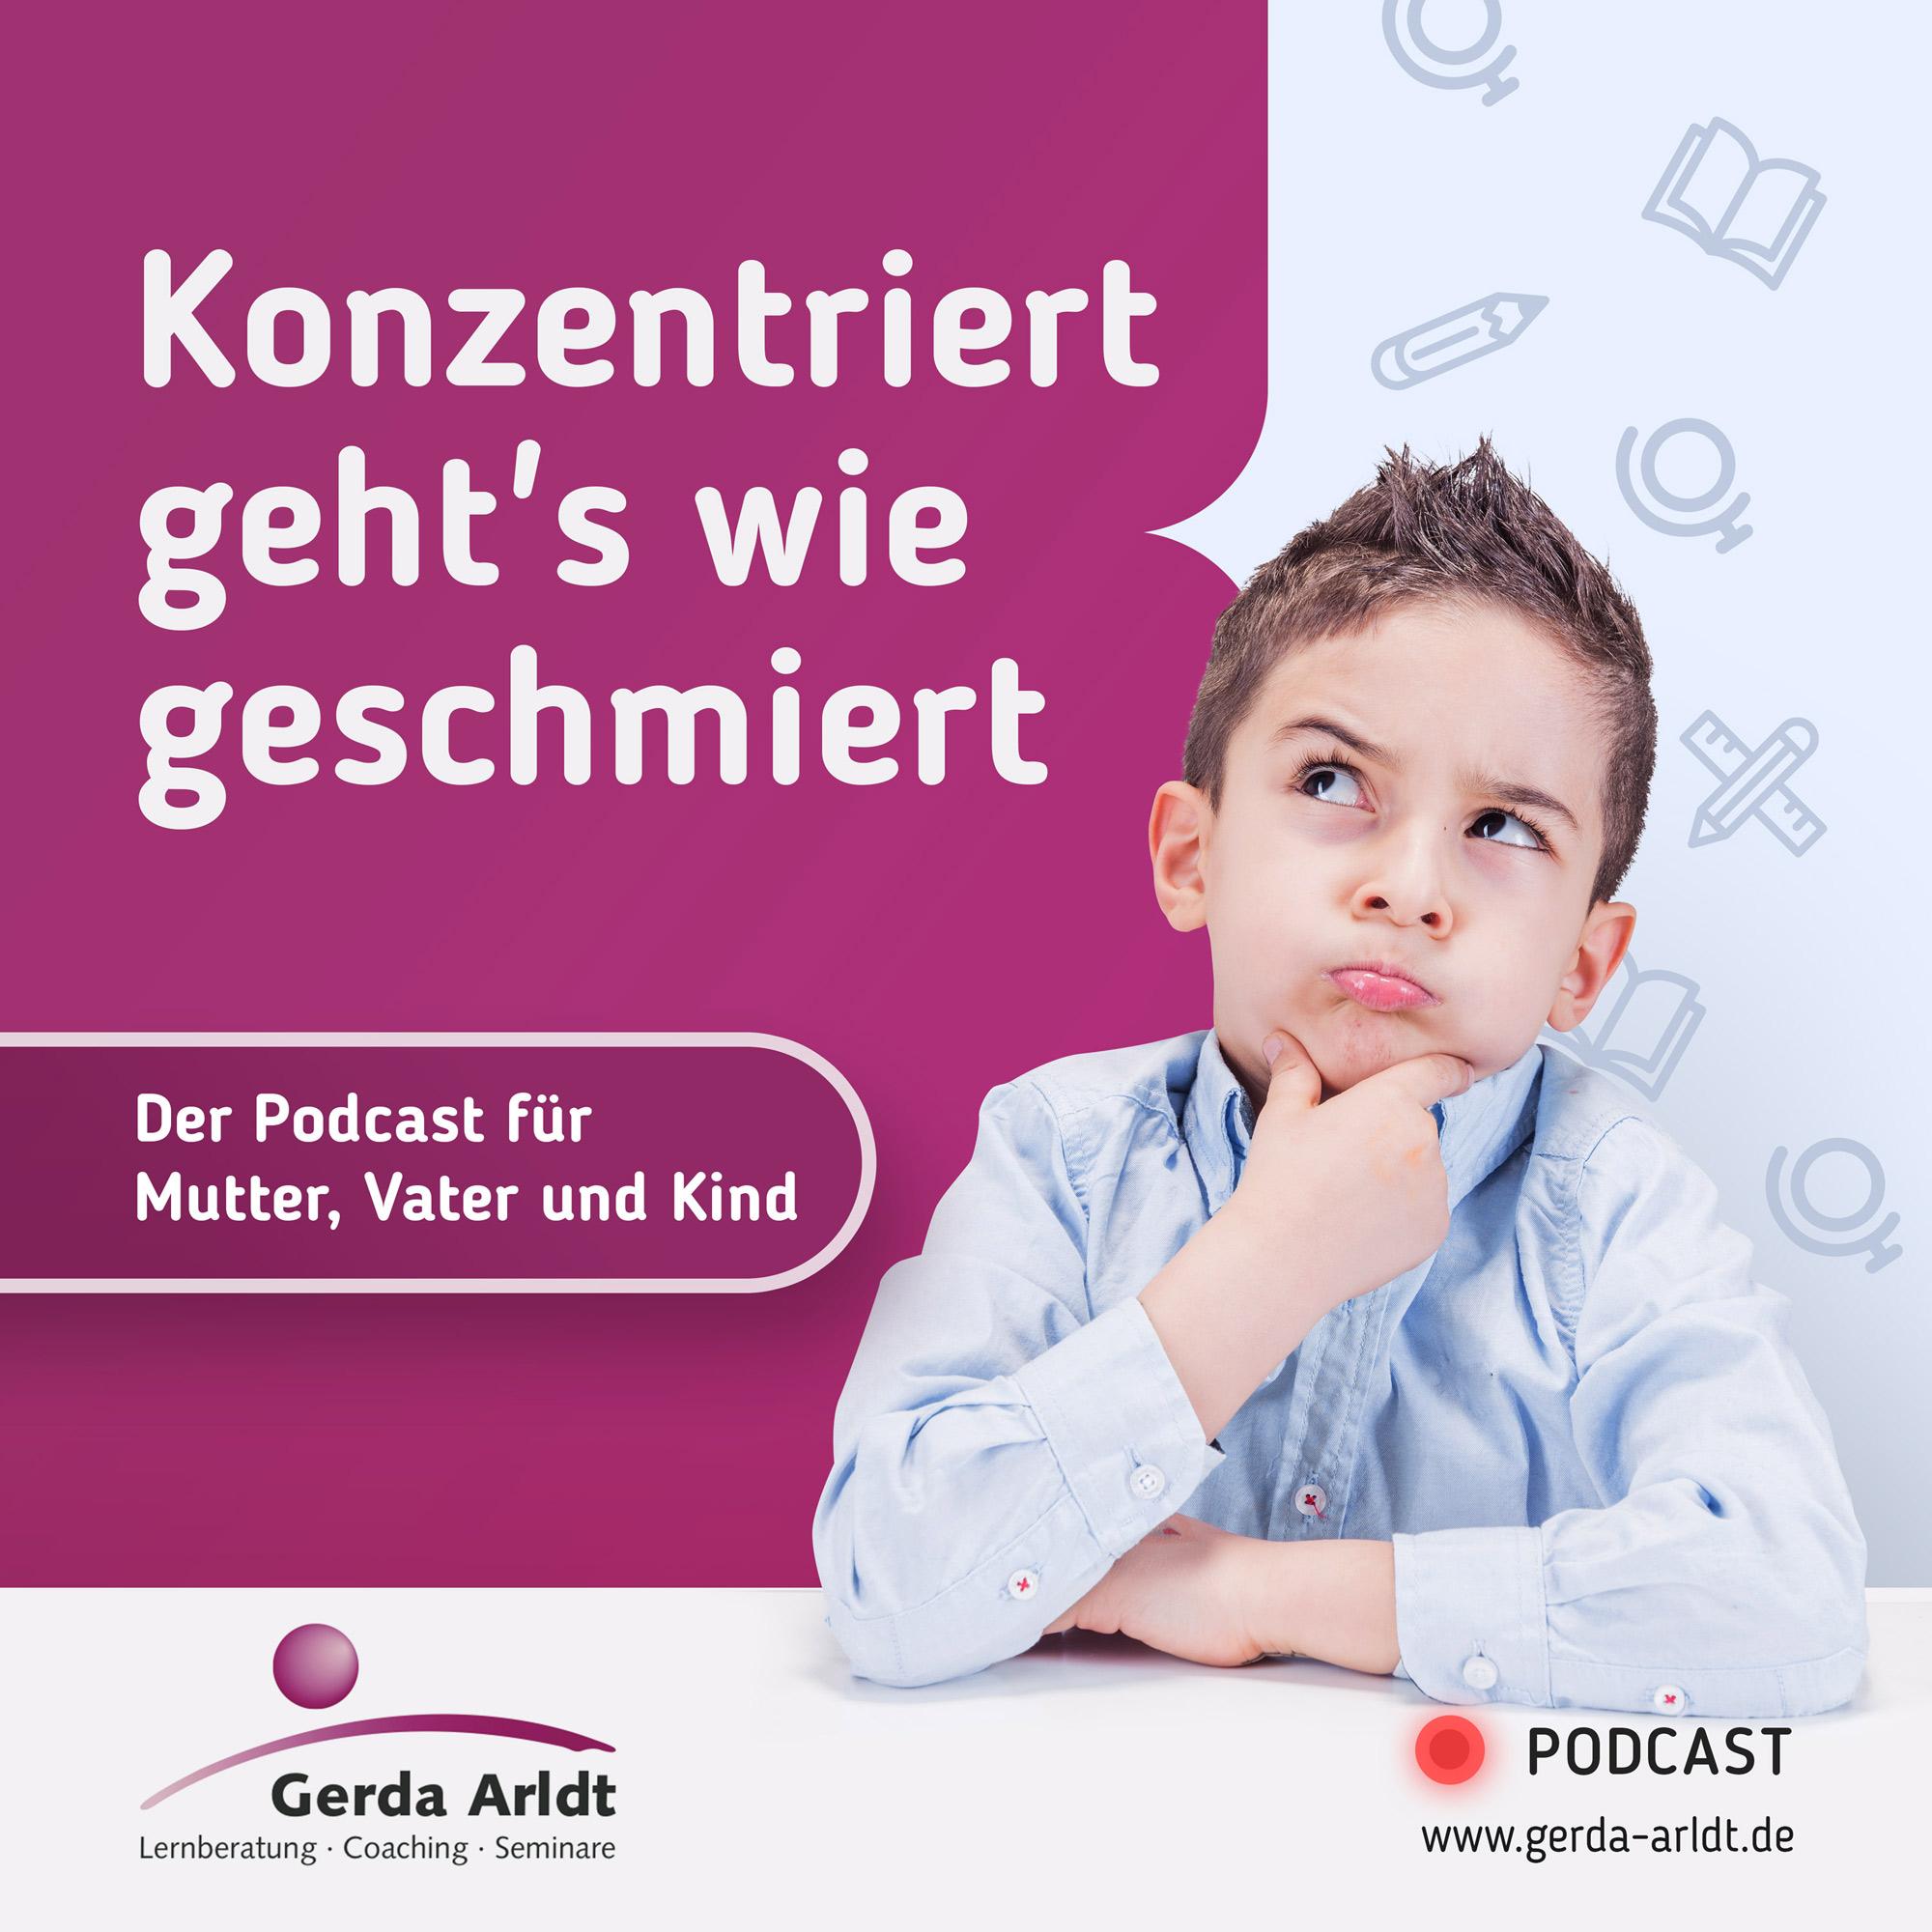 """""""Konzentriert geht's wie geschmiert"""" - Der Podcast für Mutter, Vater und Kind mit Gerda Arldt show art"""